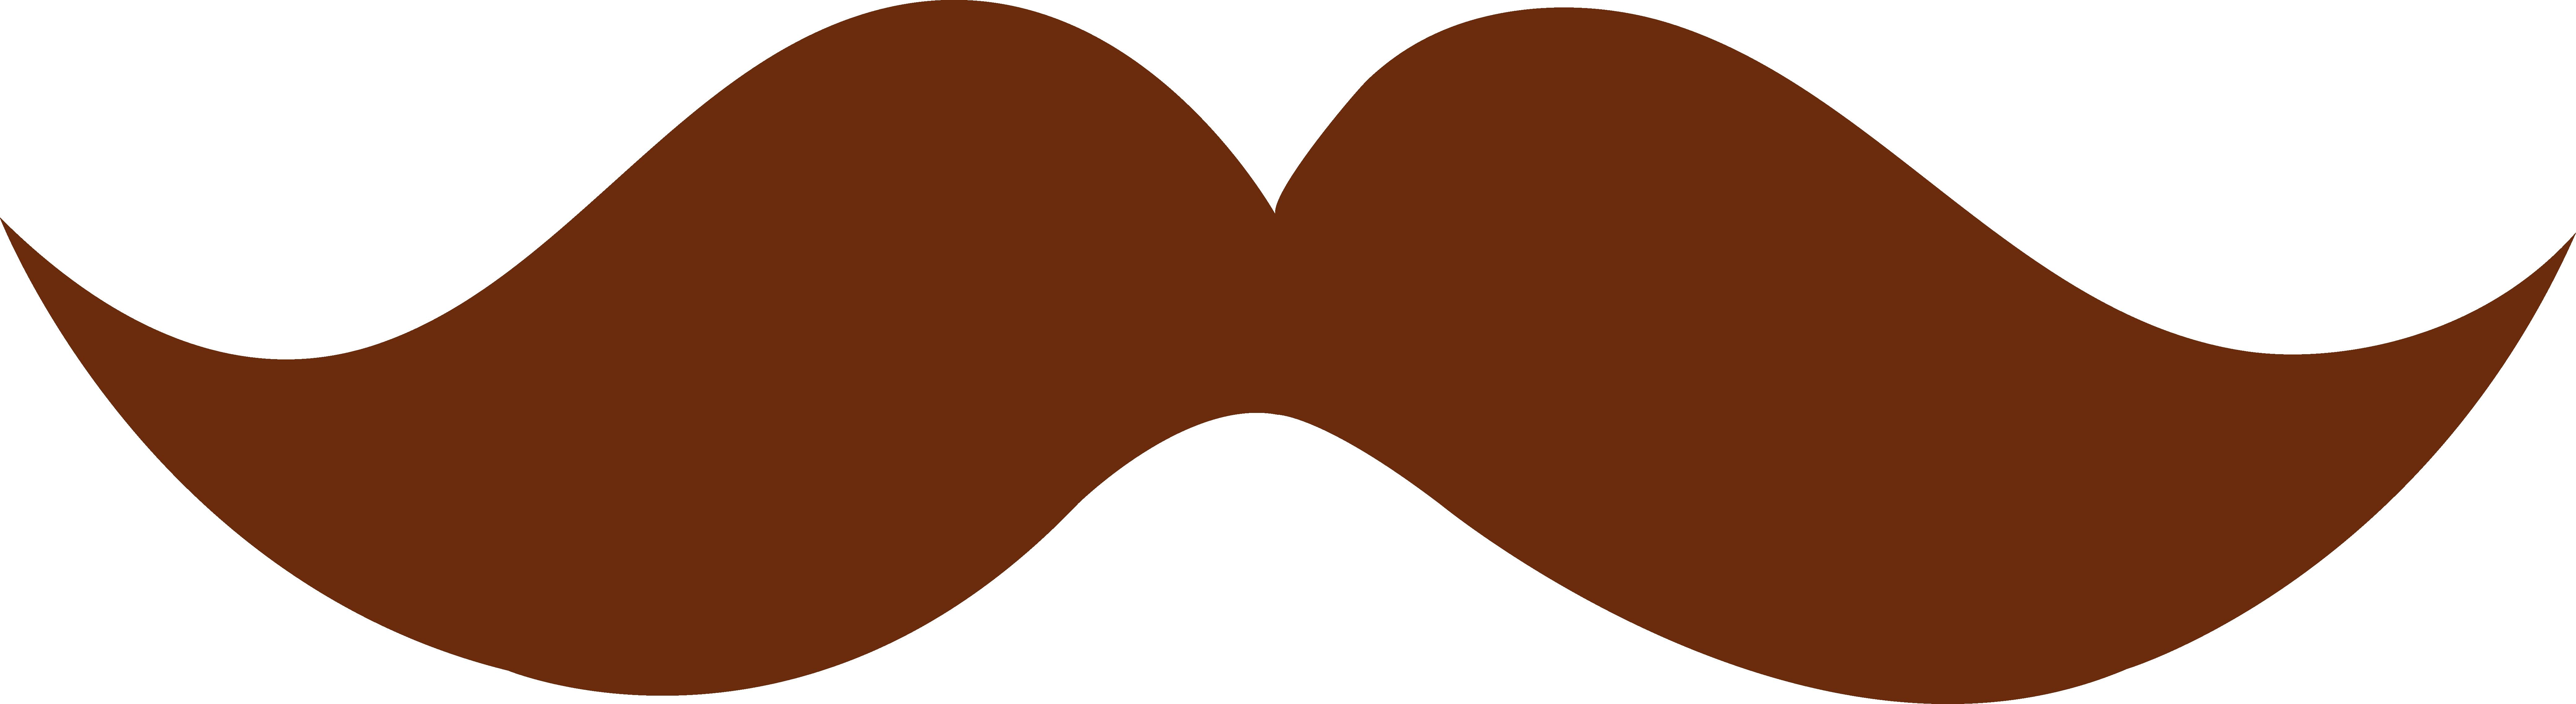 Clip Art Of Mustashs.